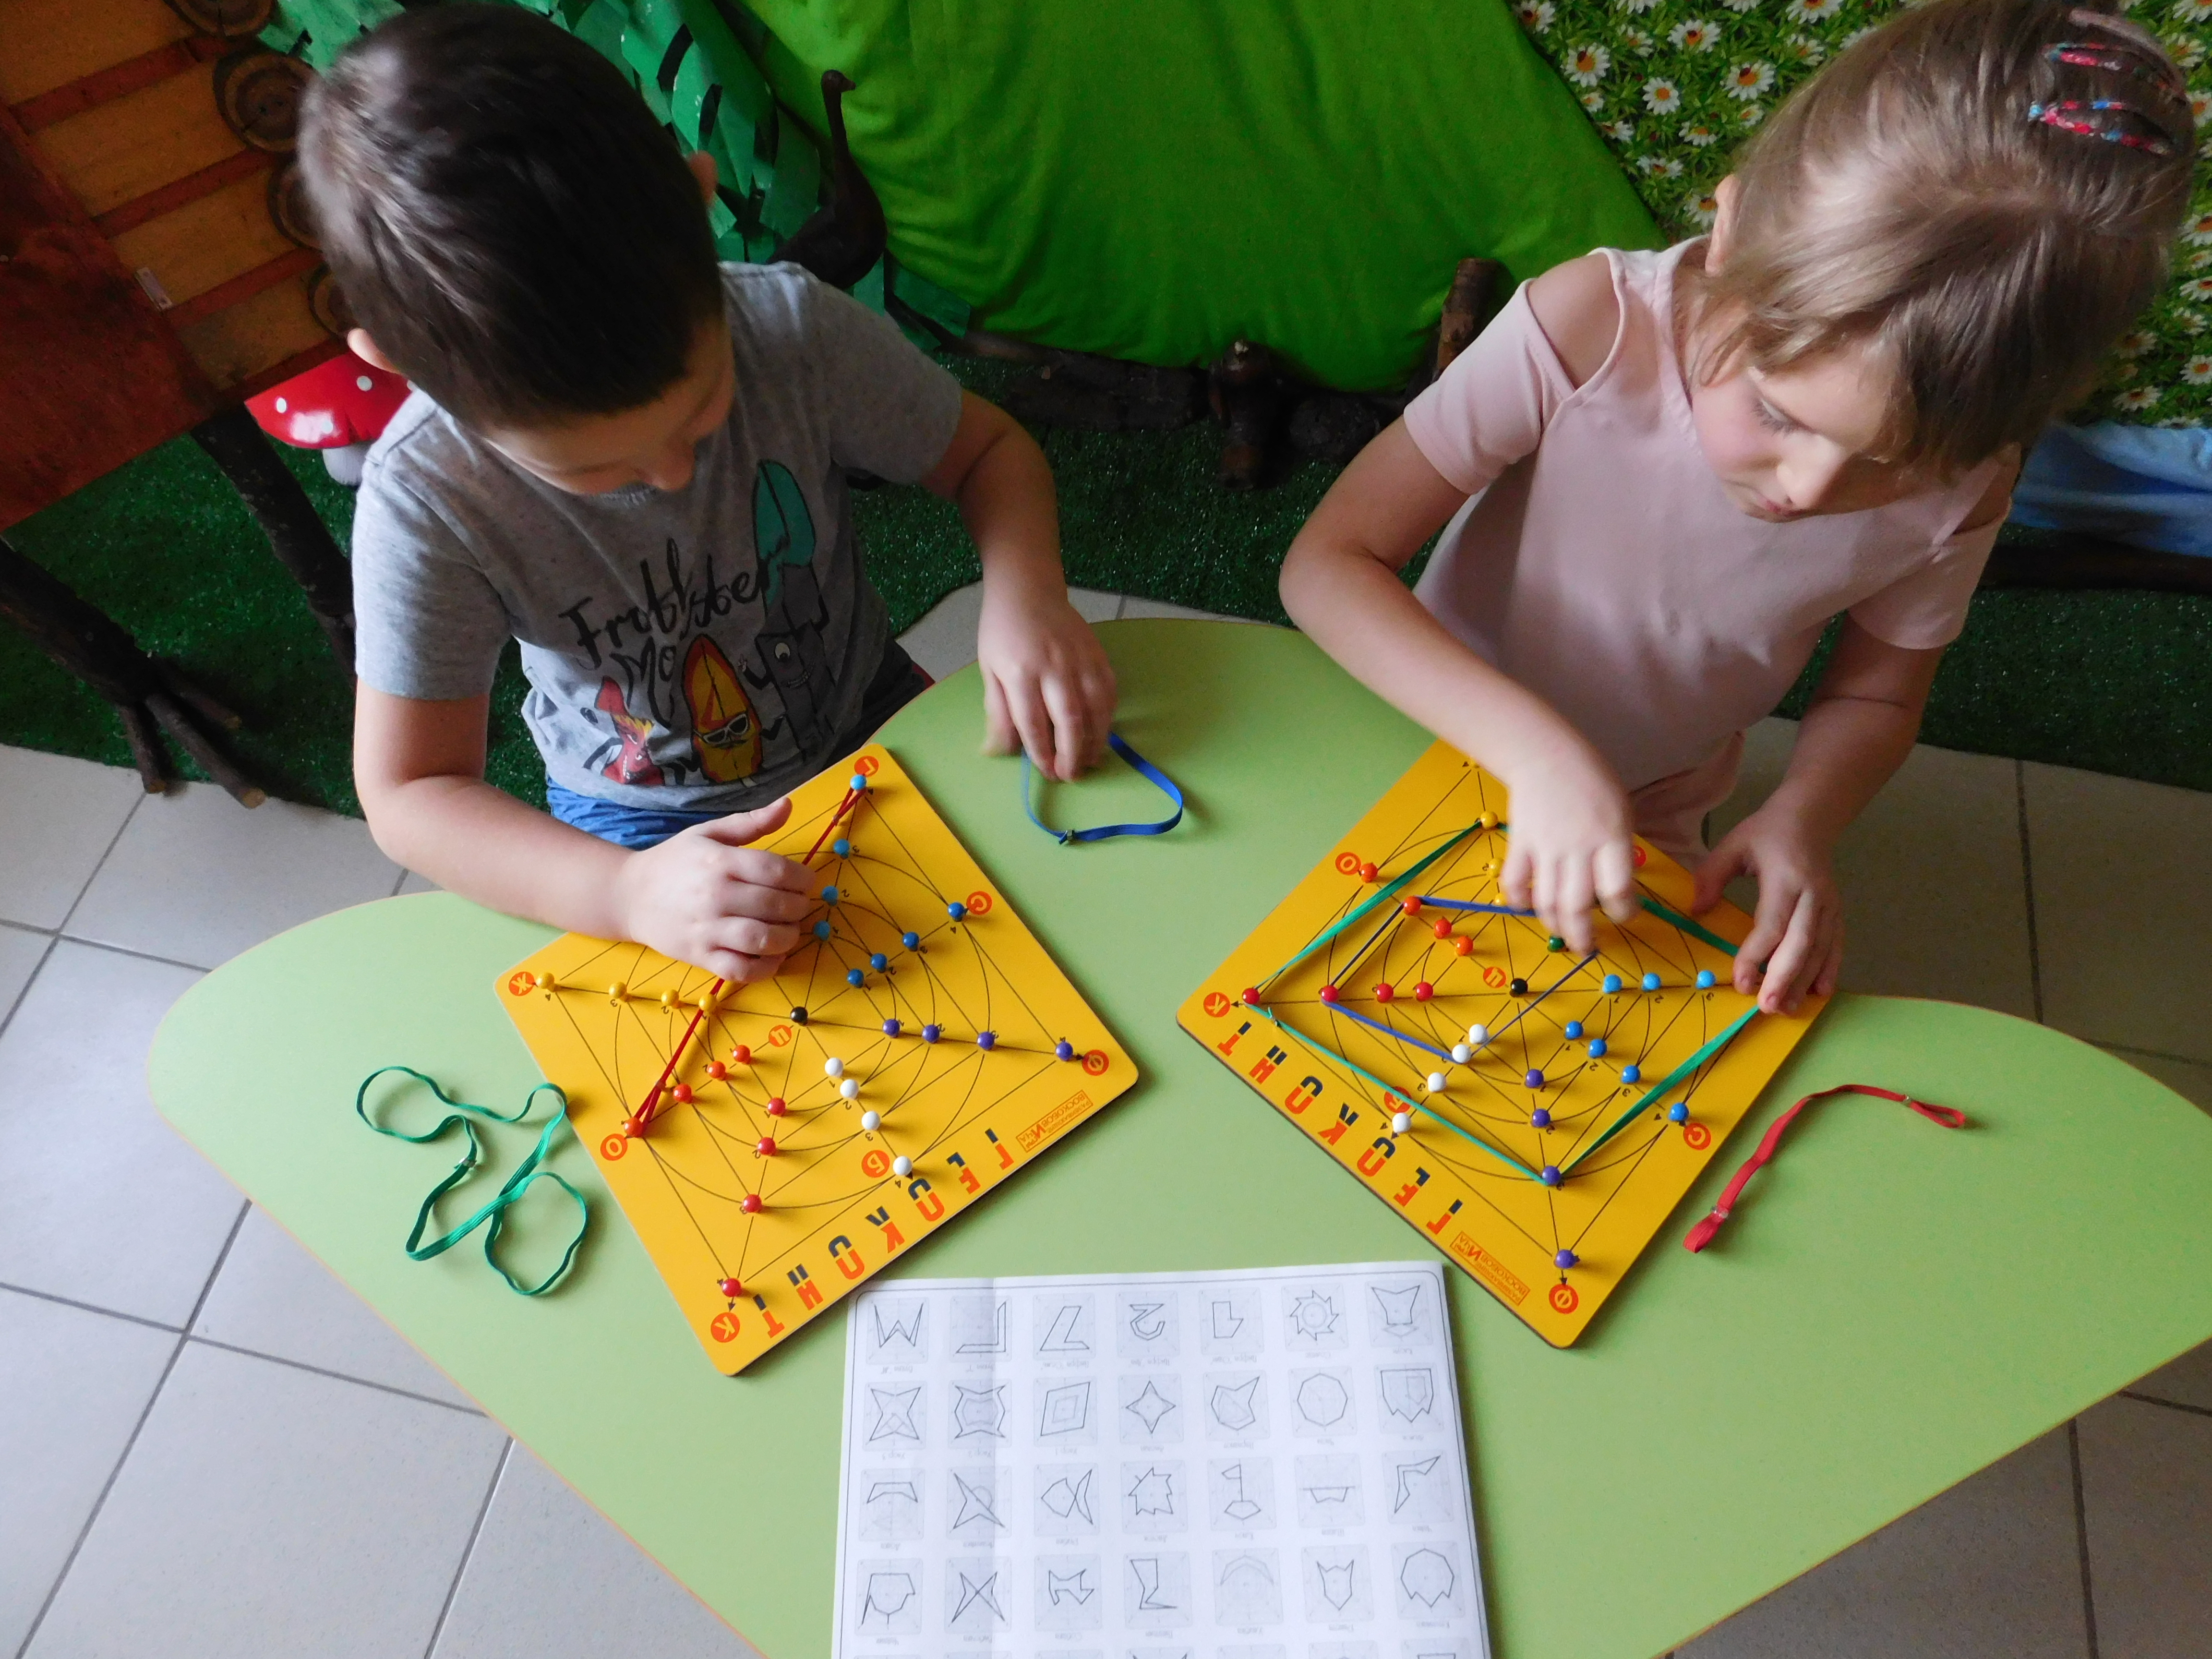 Занятия по методике воскобовича: игра и развитие одновременно